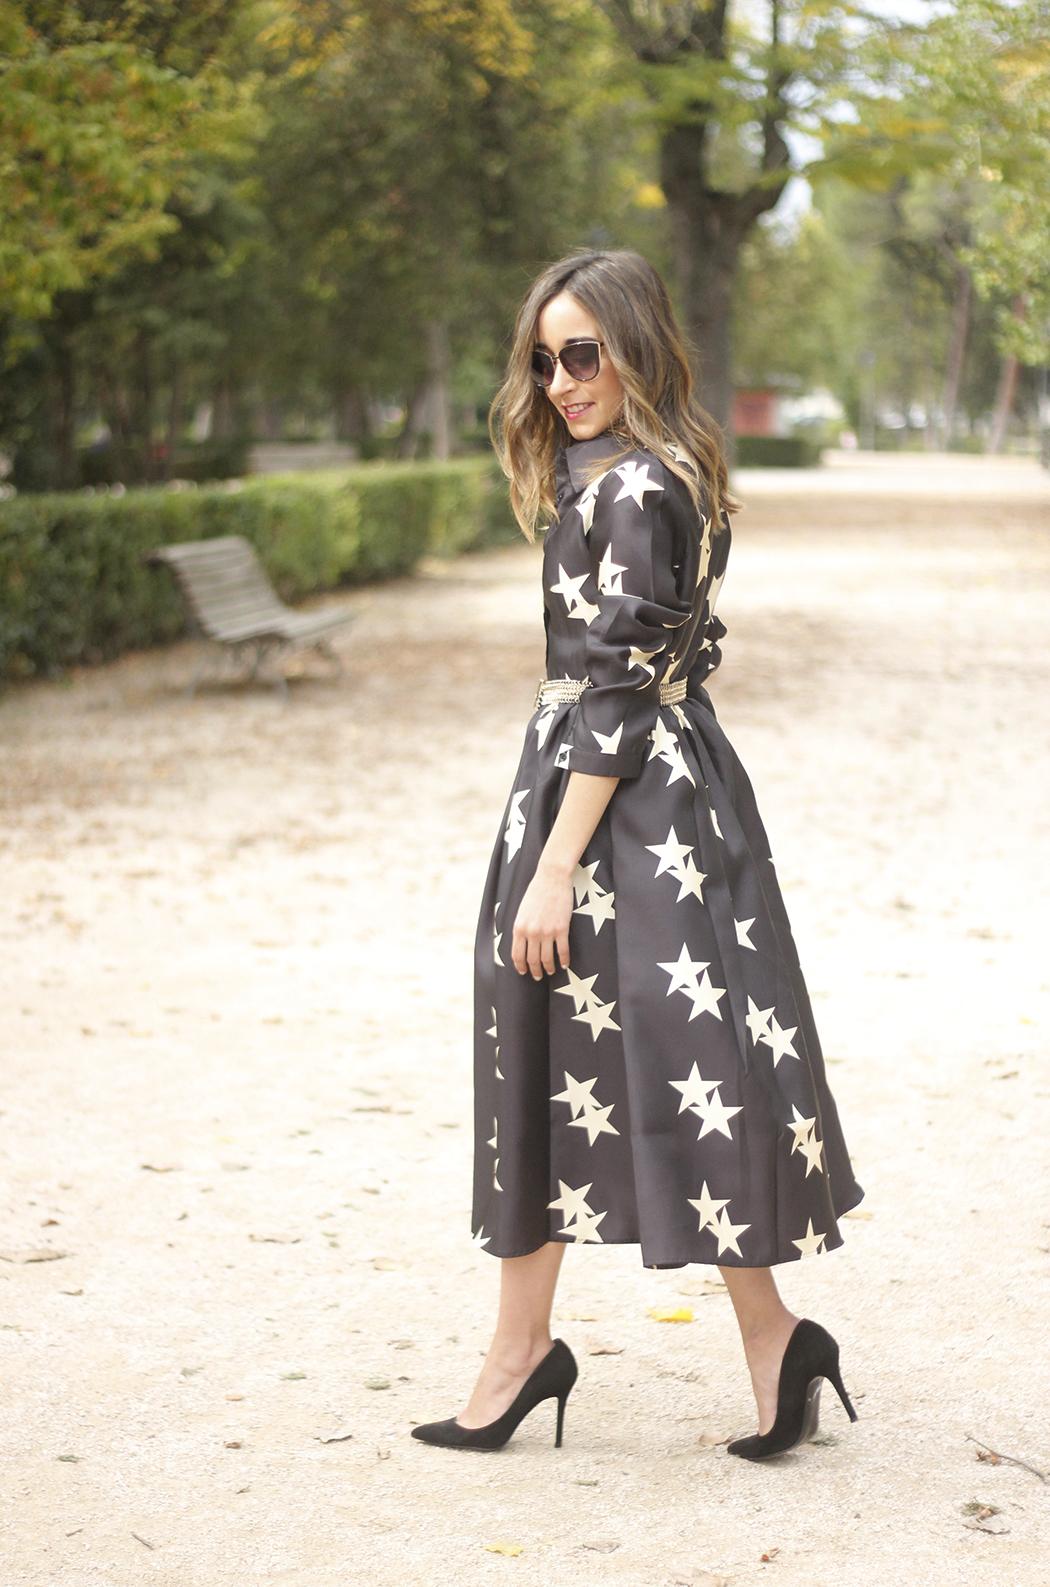 Star Print Dress sunnies heels outfit15